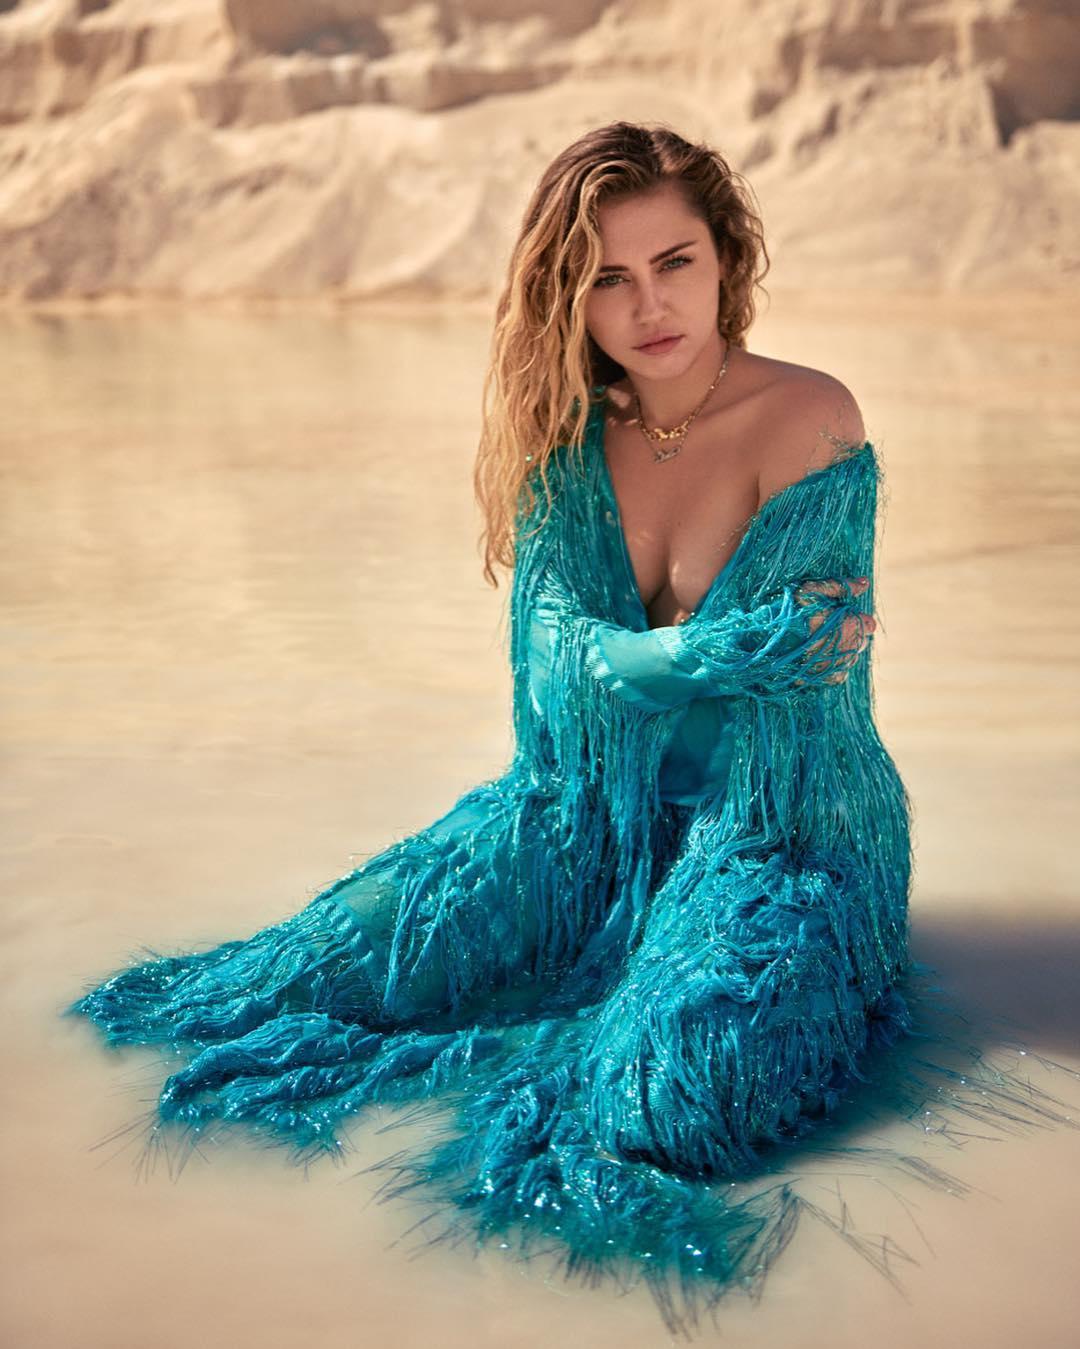 Güzel şarkıcı Miley Cyrus sexy derin göğüs dekolteli mavi elbisesi ile cesur ve erotik pozlar verdi. En güzel yabancı ünlü kadınların HD resimleri bu sitede tıklayın.